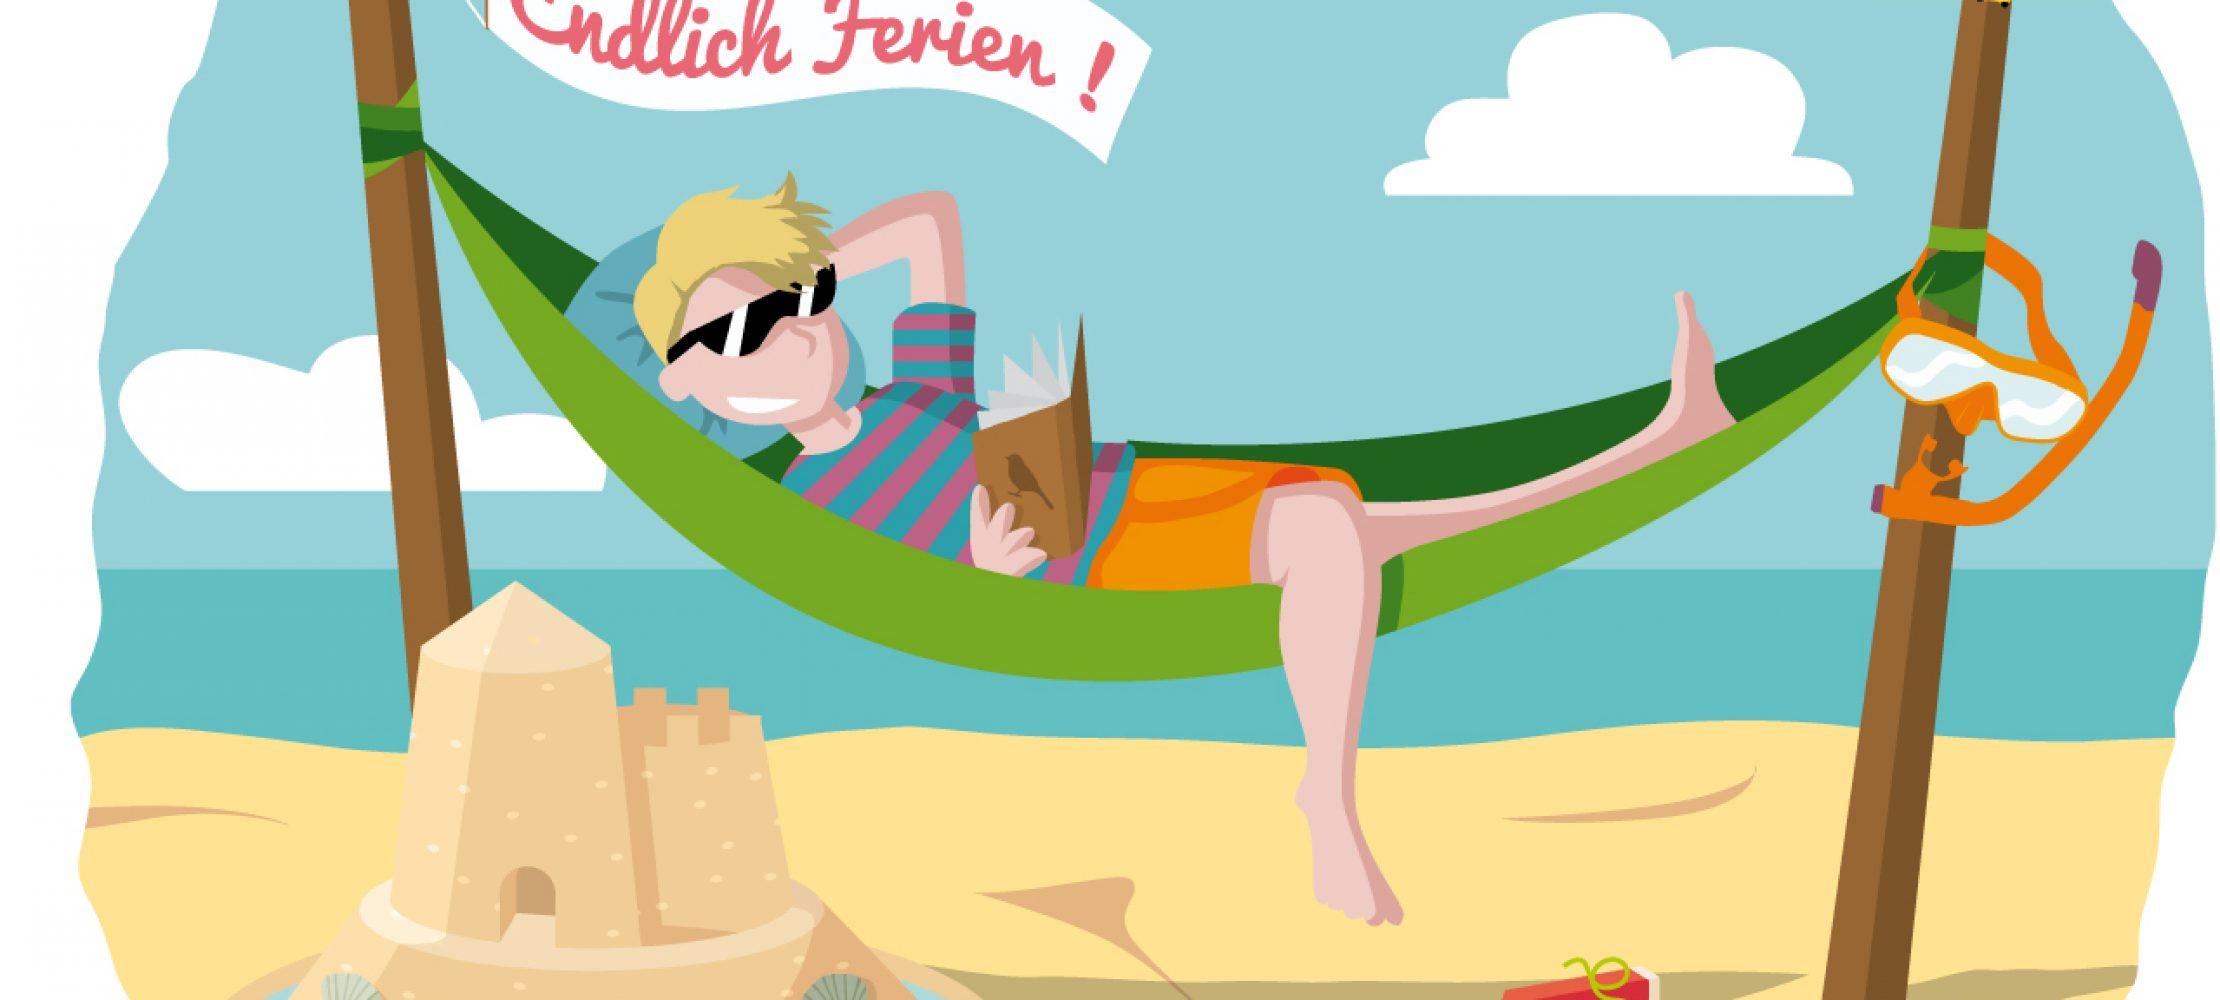 Buch Tipp Tolle Bücher für die Sommerferien   Duda.news